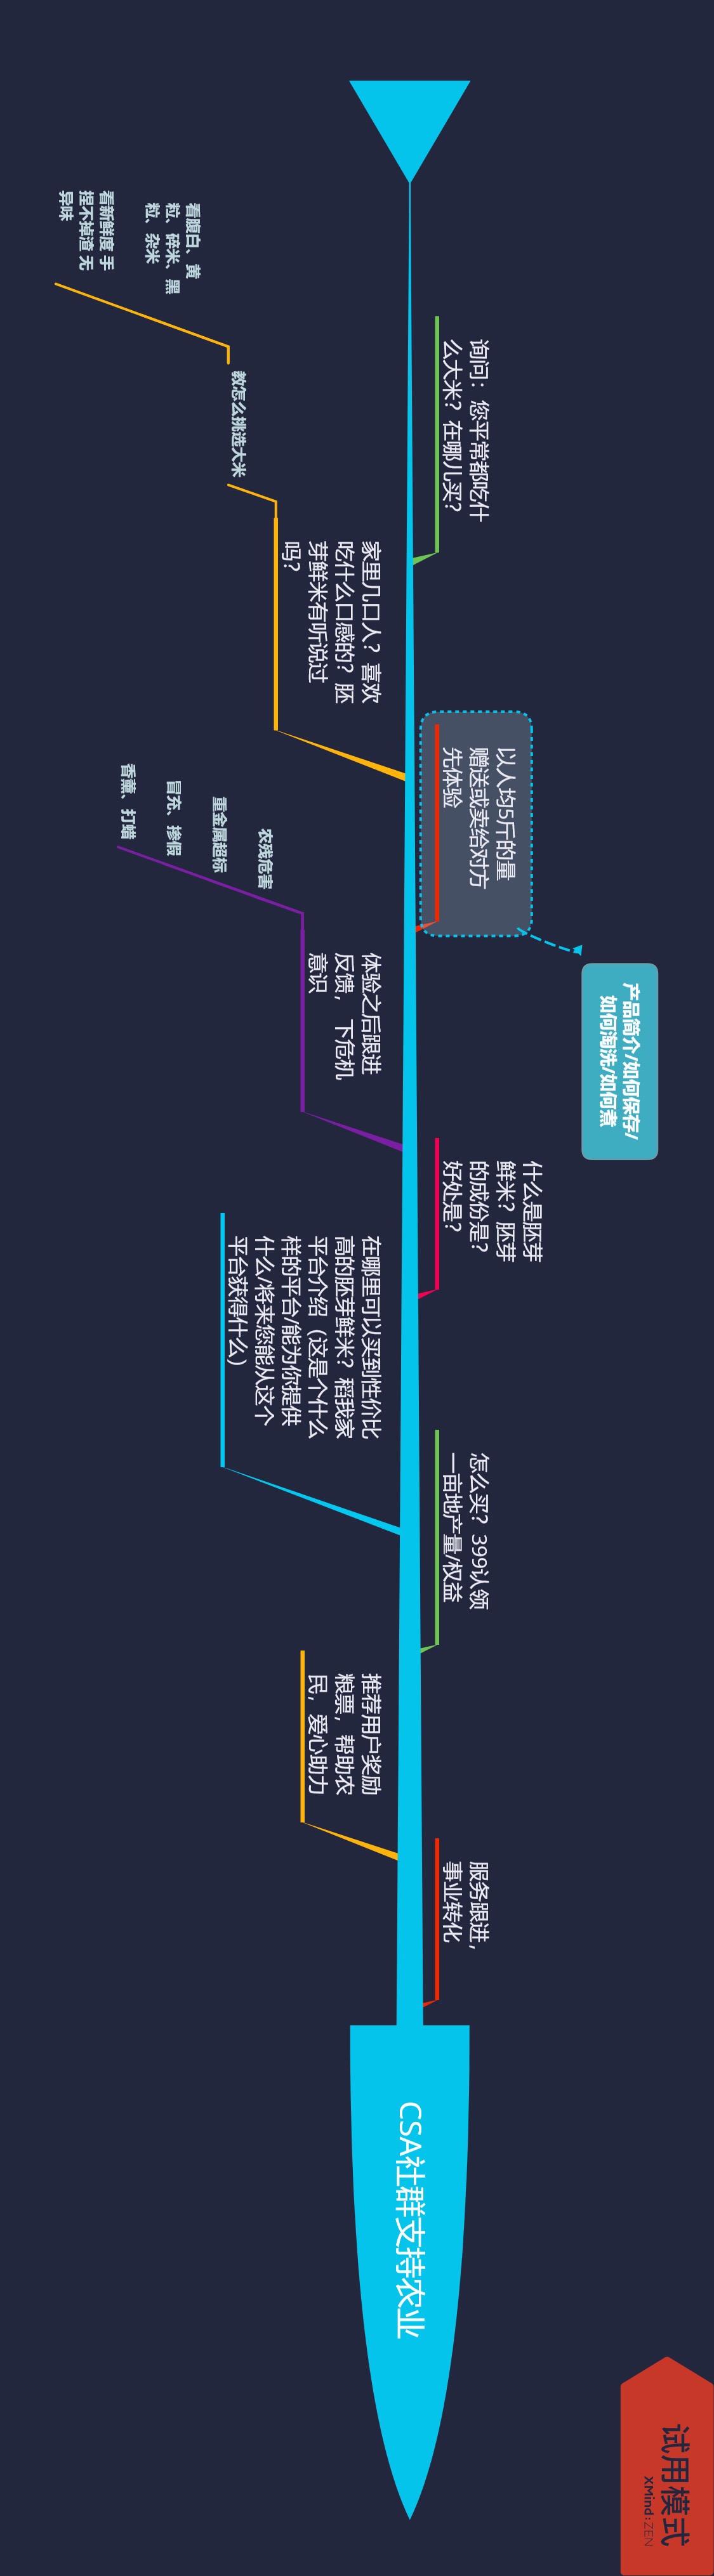 CSA项目基础知识-拓展